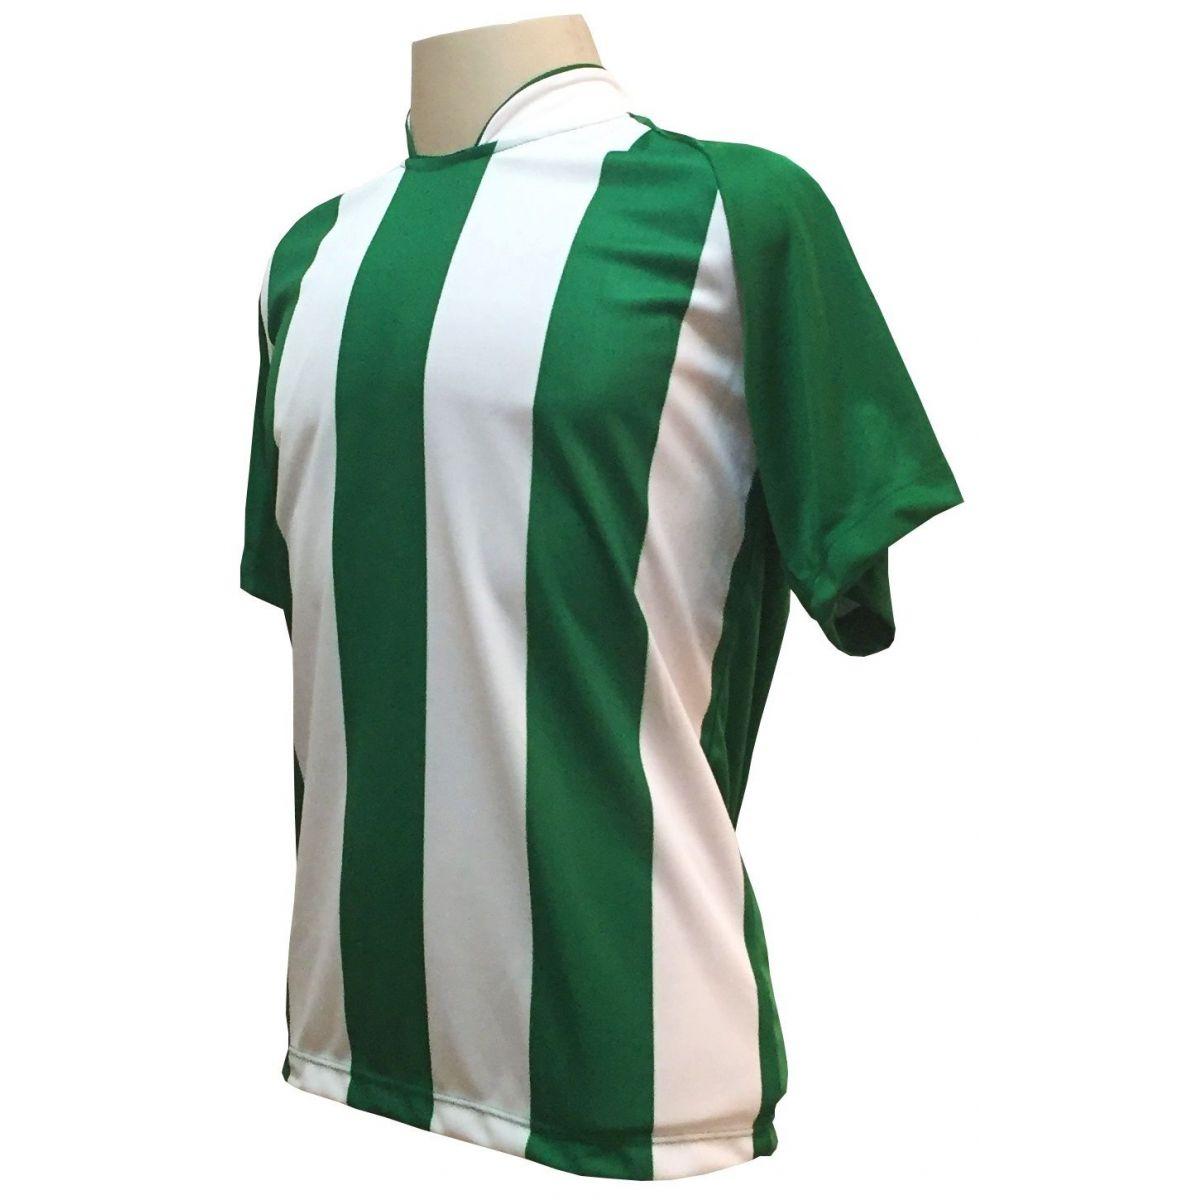 Uniforme Esportivo com 20 camisas modelo Milan Verde/Branco + 20 calções modelo Copa + 1 Goleiro + Brindes